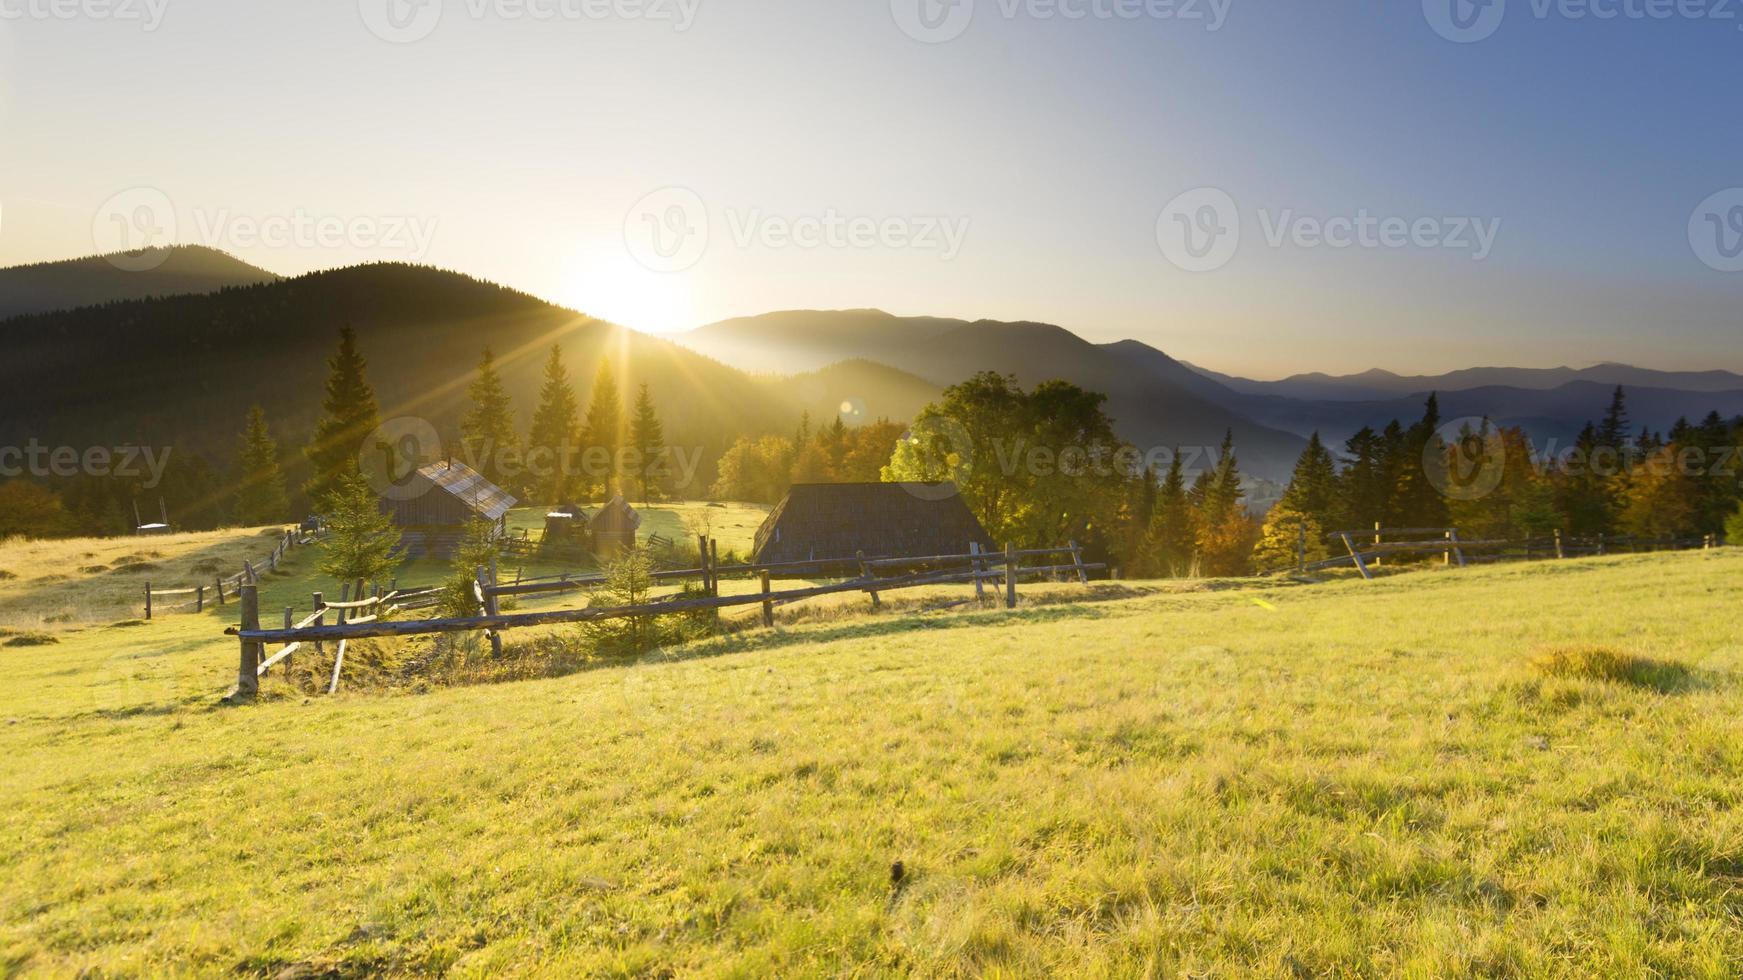 valle delle montagne foto